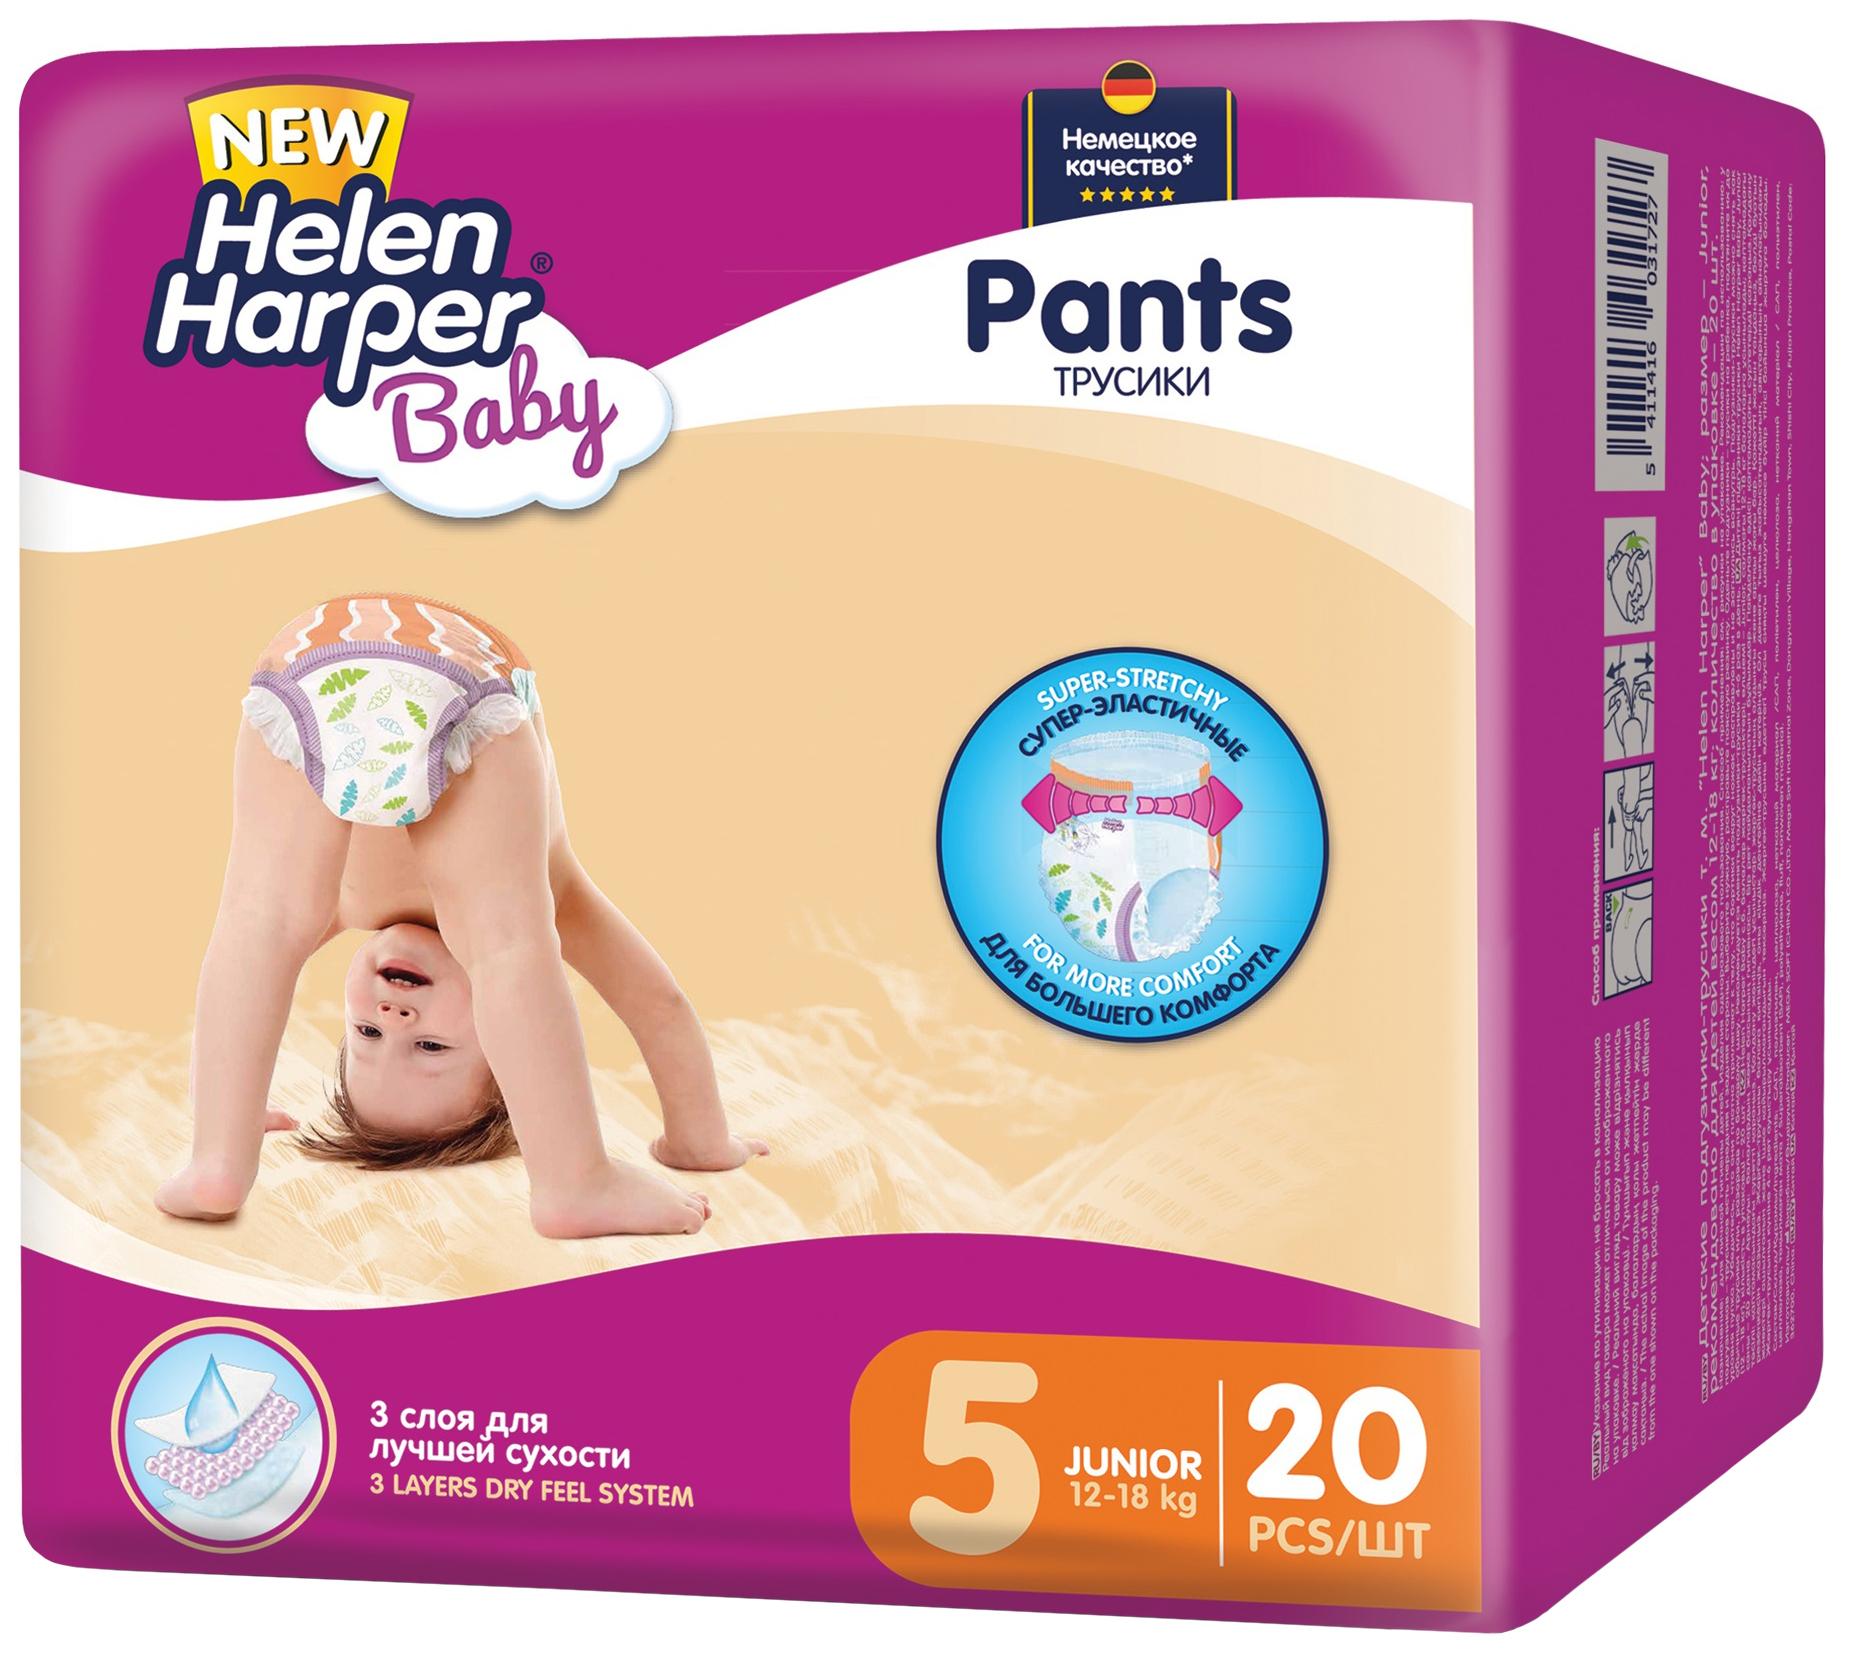 HELEN HARPER BABY JUNIOR